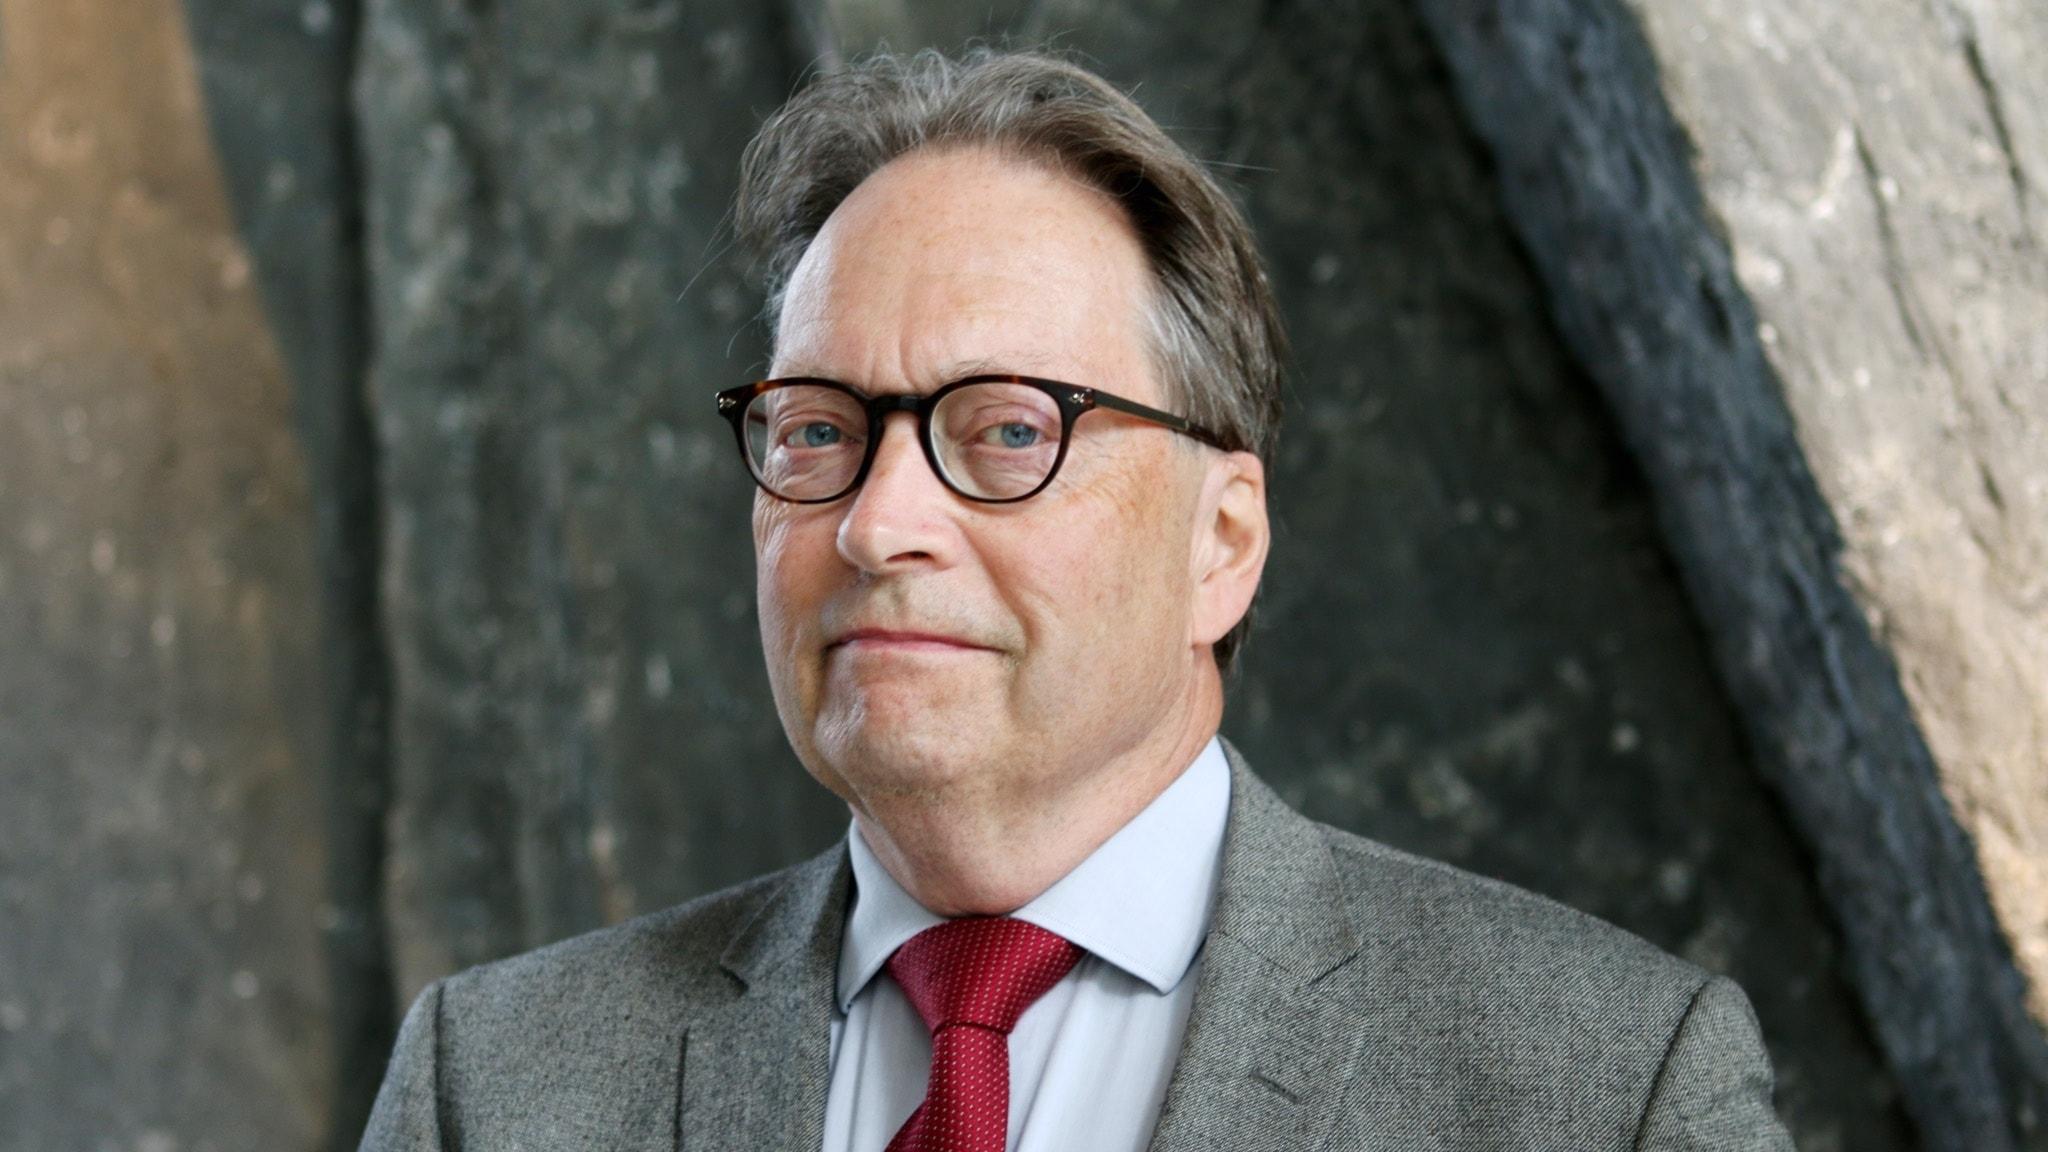 Horace Engdahl, ledamot i Svenska Akademien intervjuas av Louise Epstein och Thomas Nordegren i programmet Nordegren & Epstein i P1. Foto: Björn Andersson/Sveriges Radio